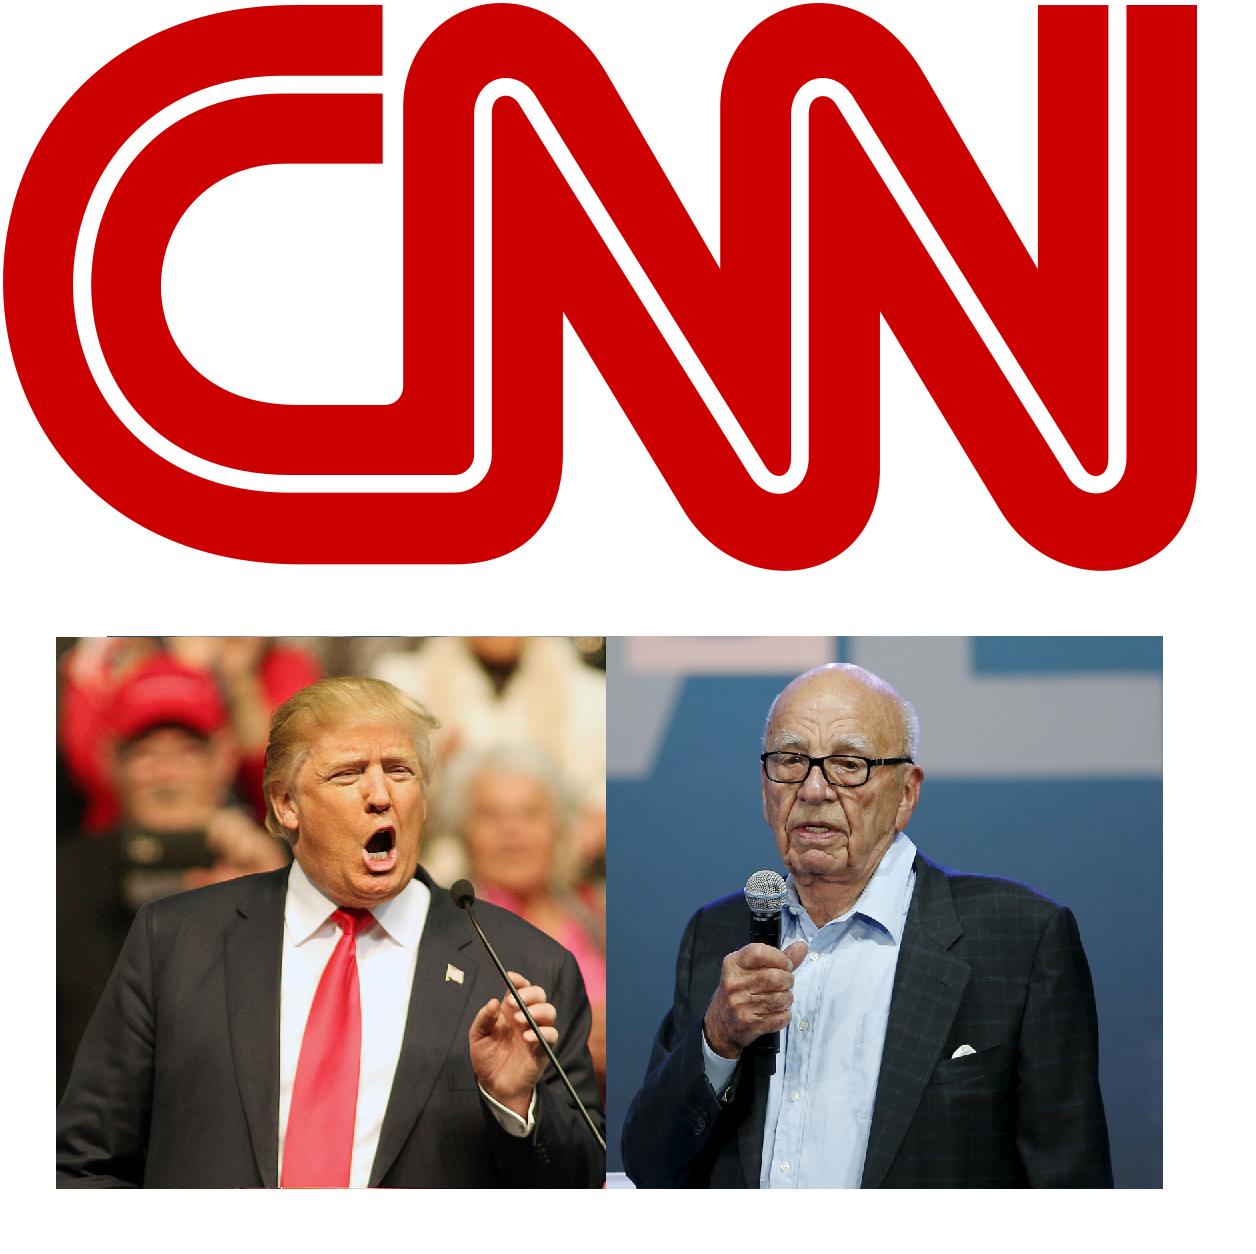 CNN Murdoch Trump - Media. Iperconcentrazione: Murdoch interessato a CNN. Il miliardario può contare su Trump